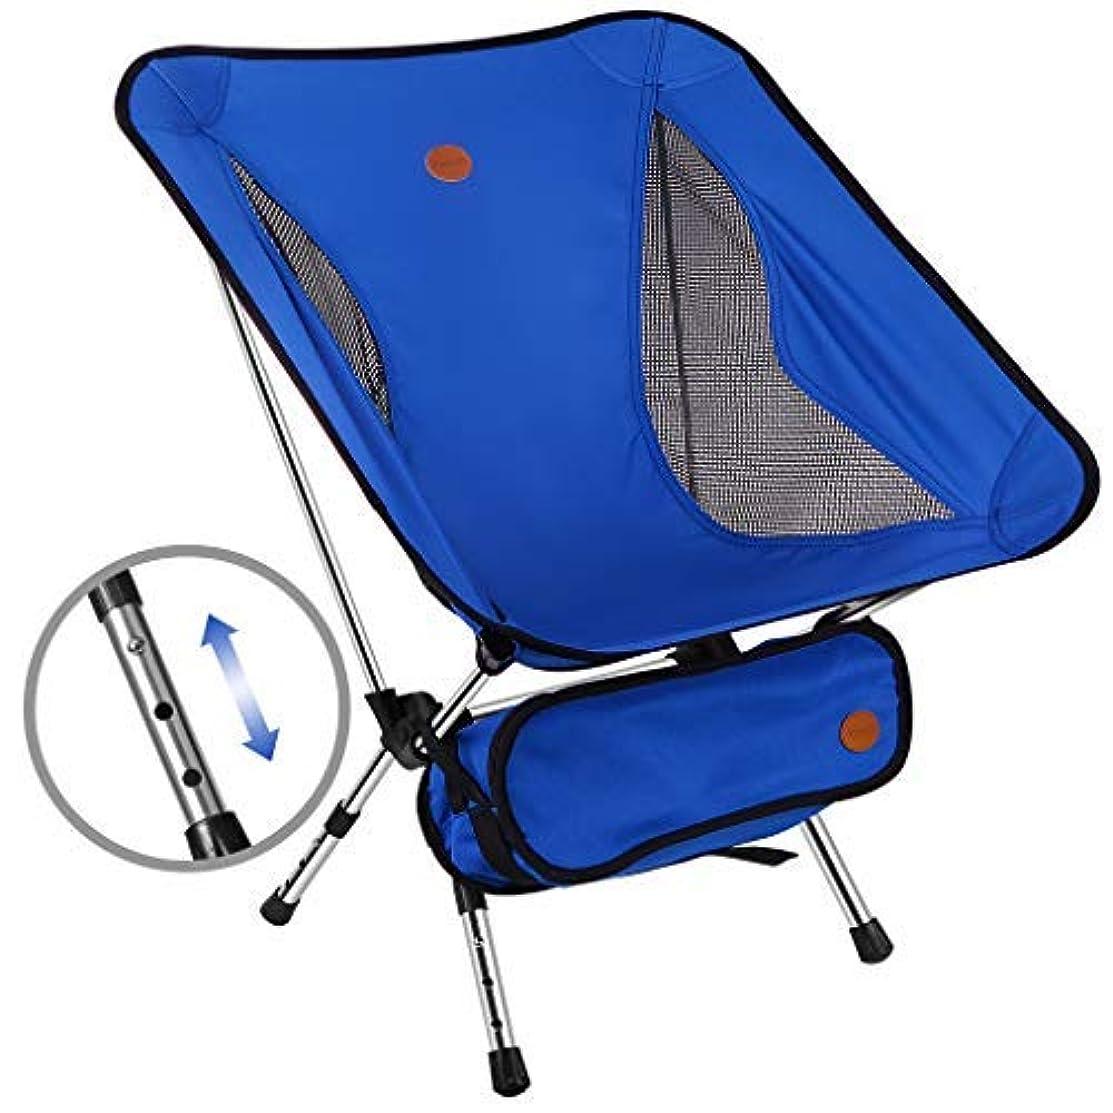 害虫アクティブテメリティAwenia Portable Camping Chair Adjustable Height, Lightweight Folding Backpacking Chair Heavy Duty (264lbs Capacity) with Carry Bag for Outdoor Camp, Travel, Beach, Picnic, Festival, Hiking, Blue [並行輸入品]